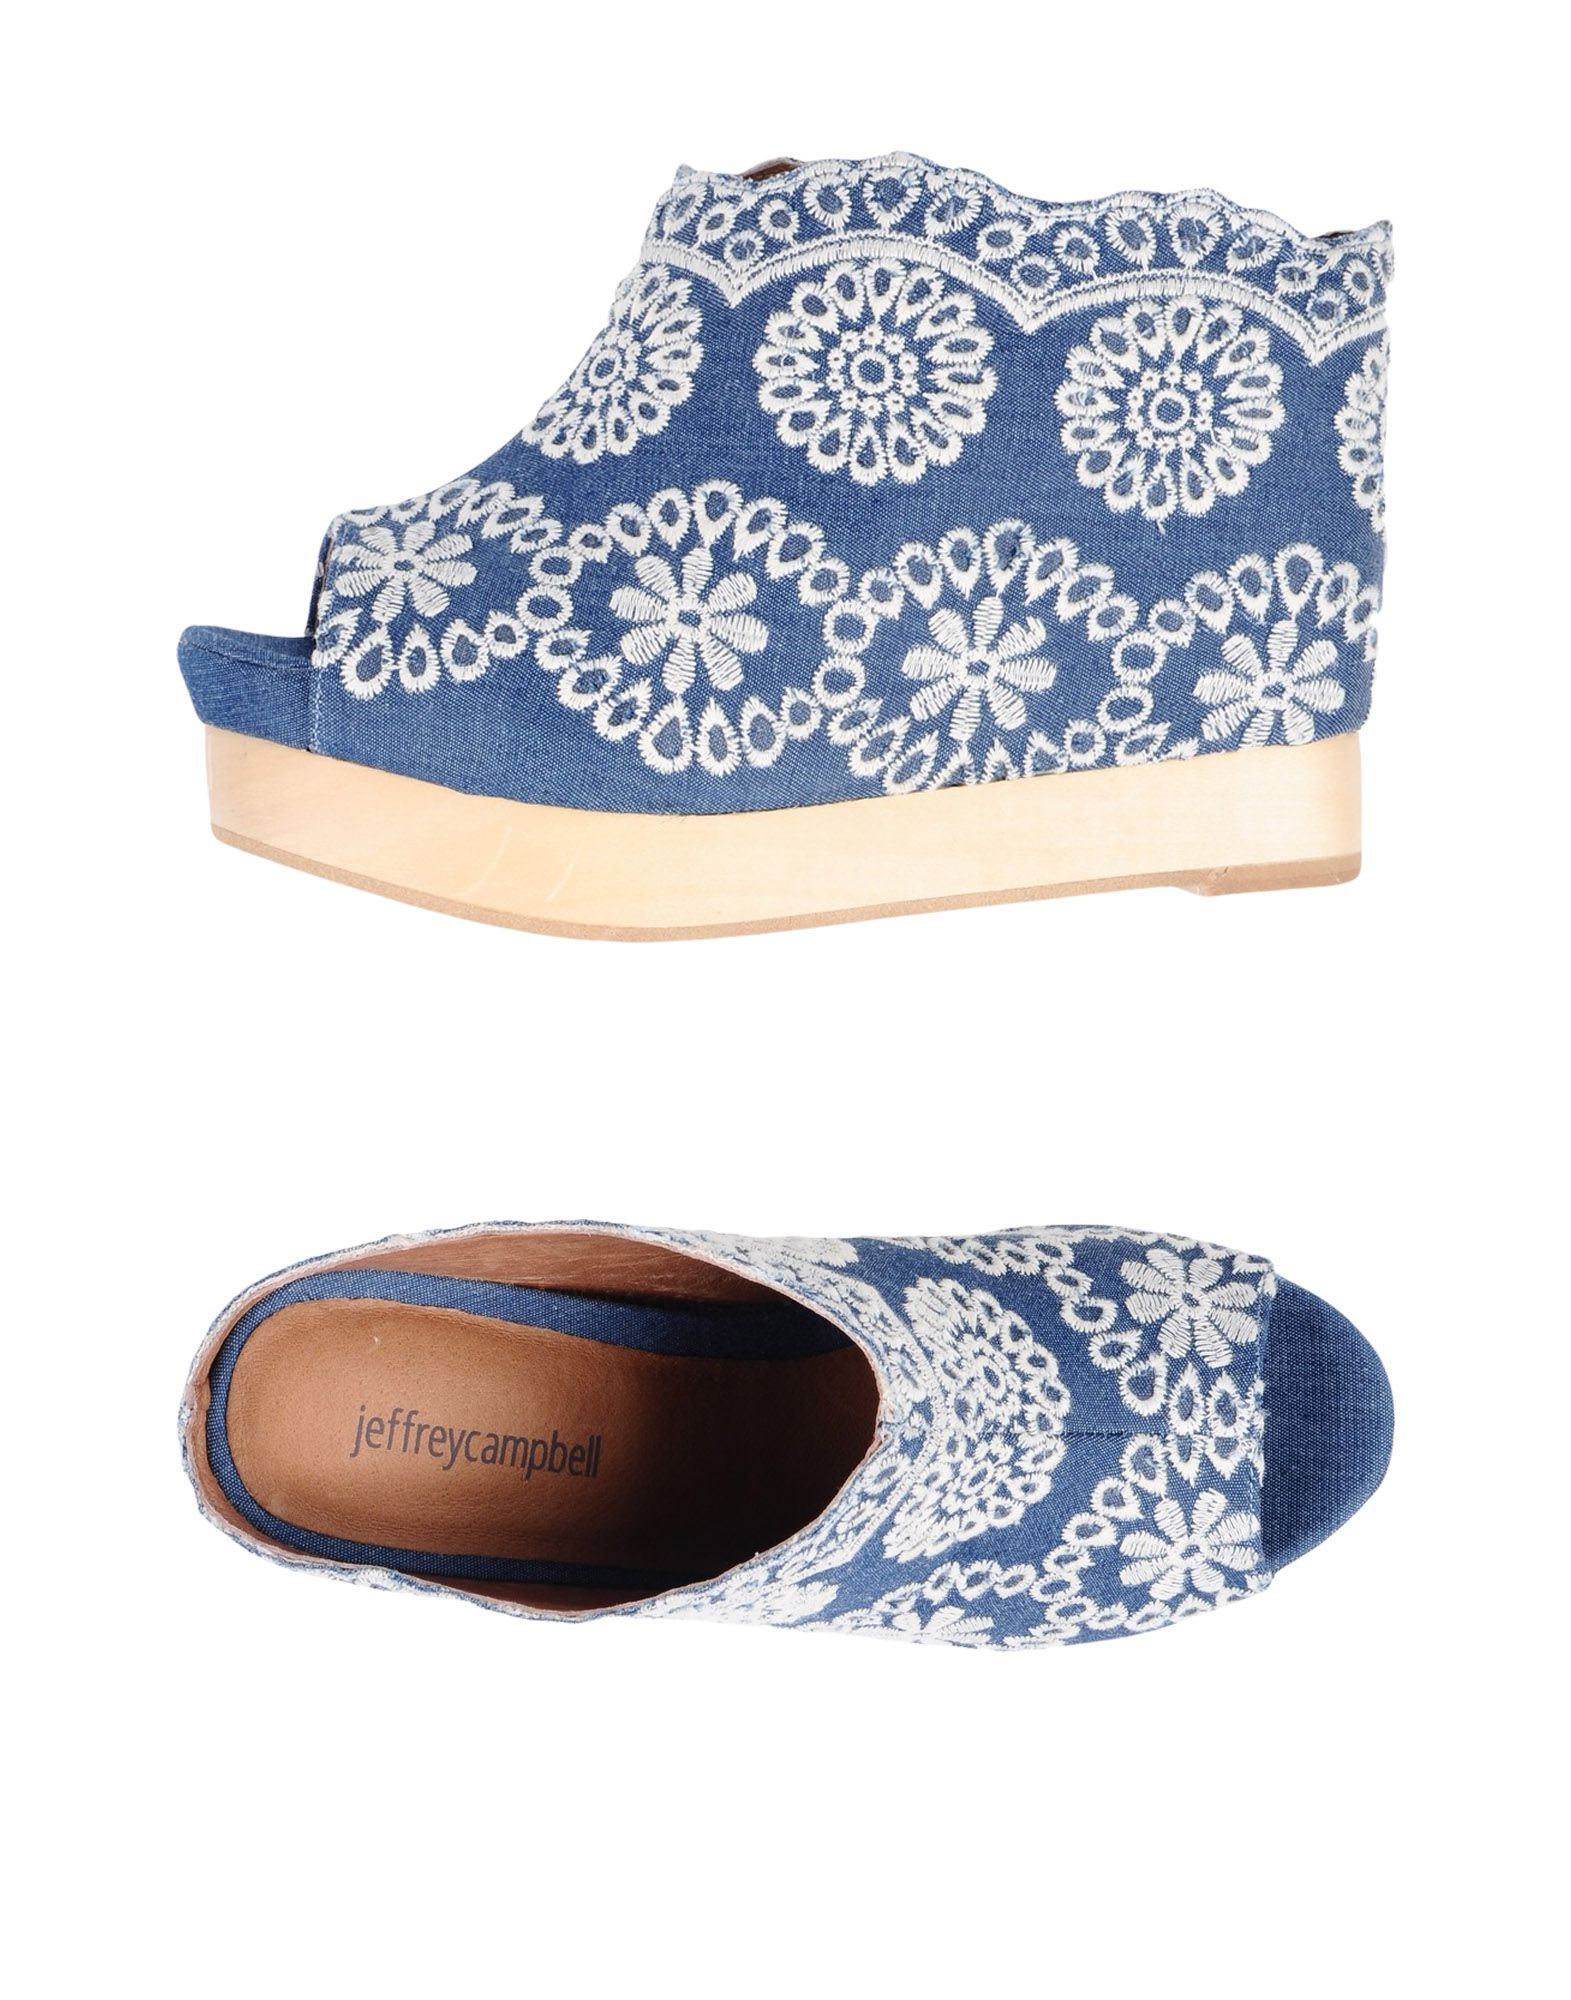 Jeffrey Campbell Pantoletten Damen  11340549CO Gute Qualität beliebte Schuhe